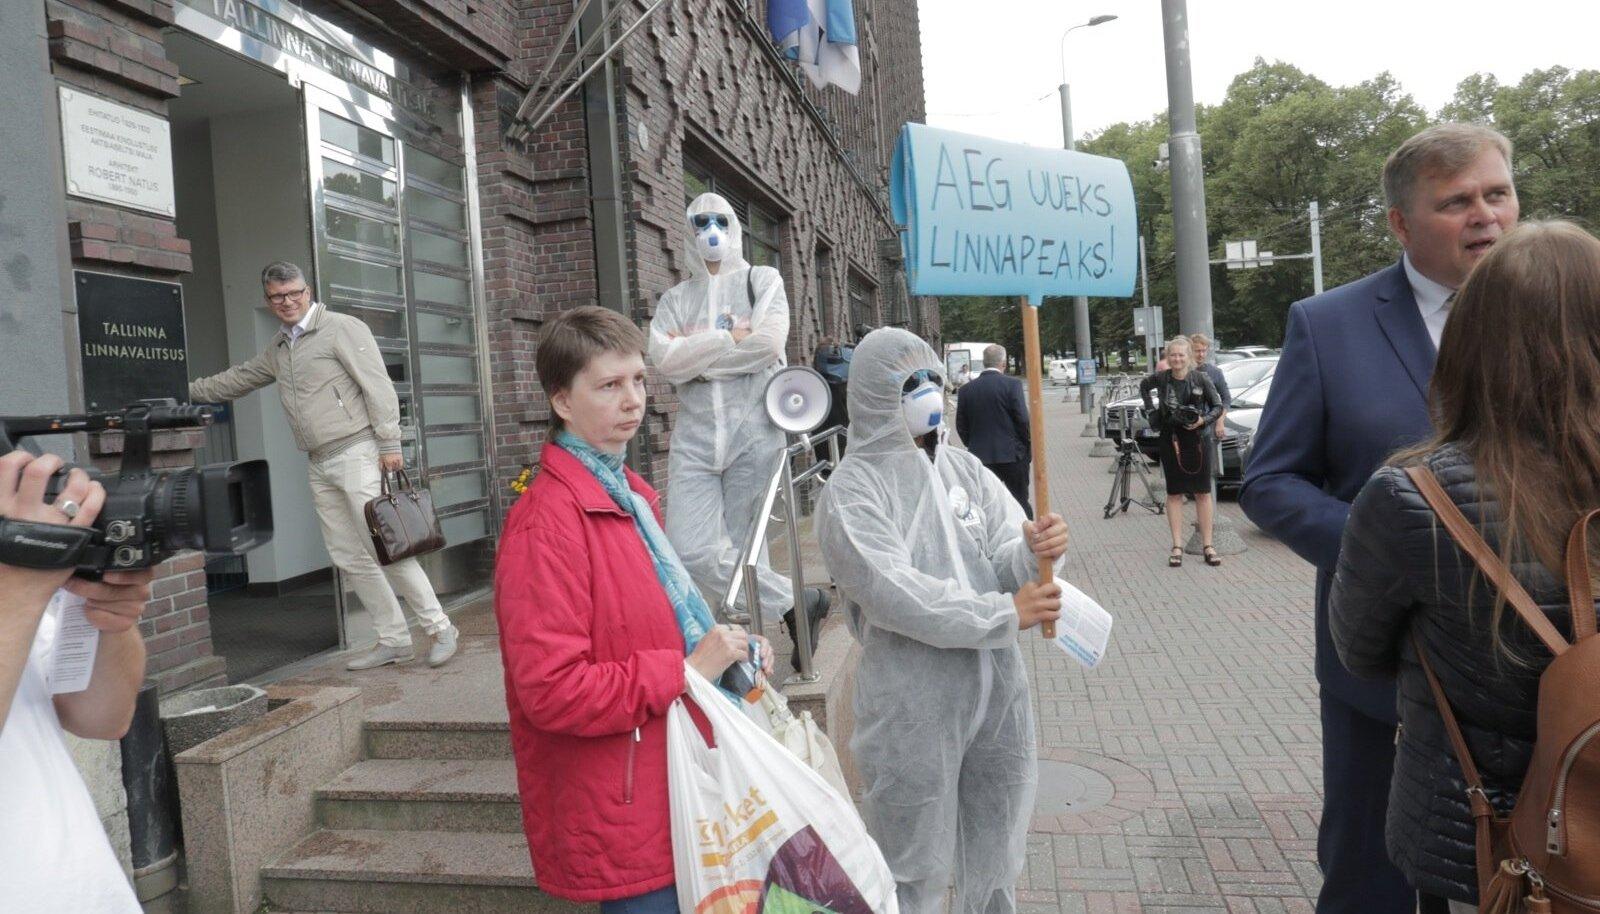 IRL-i Tallinna linnapeakandidaat Raivo Aeg tutvustab oma valimisprogrammi